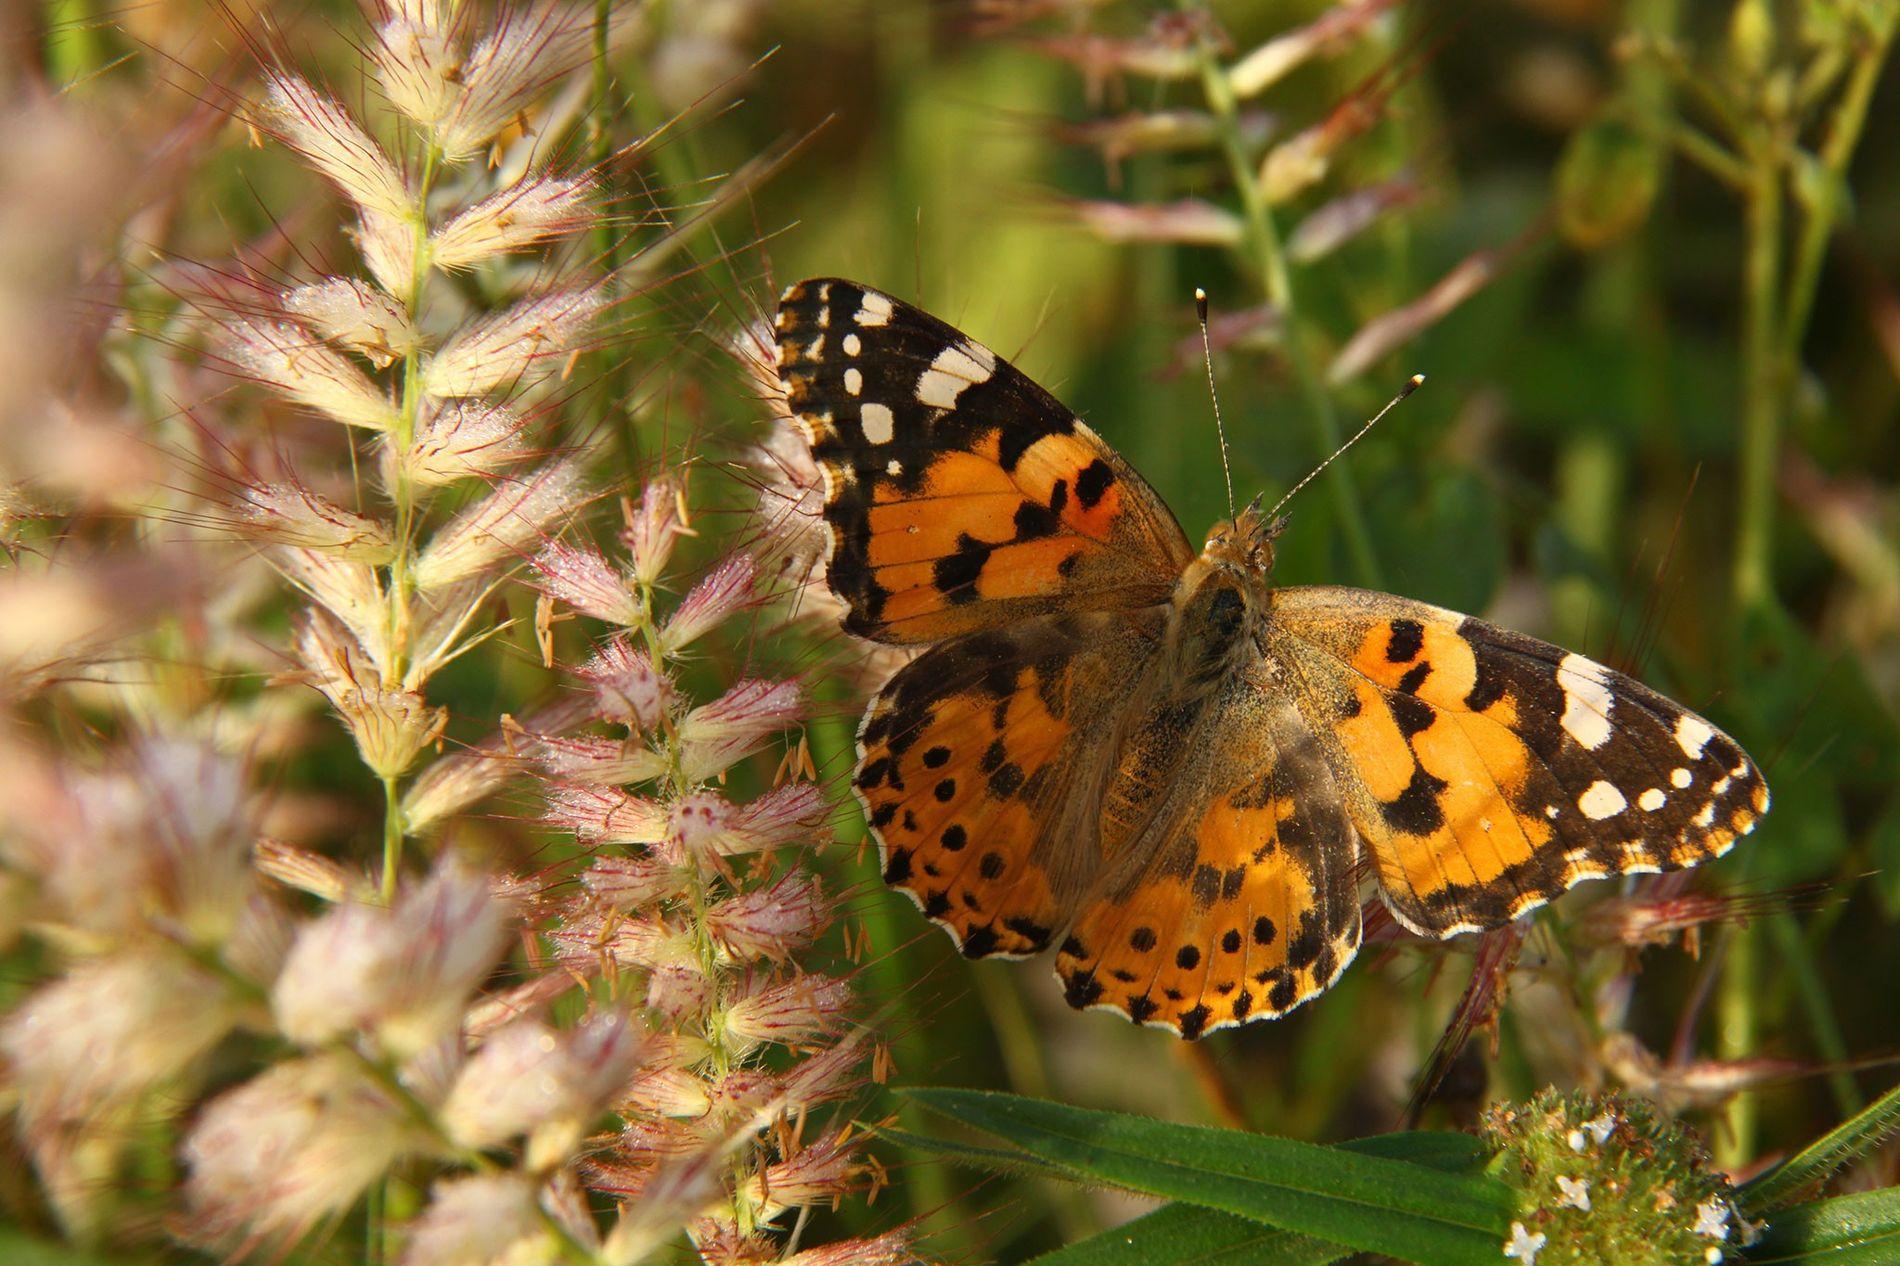 Un papillon belle-dame déploie ses ailes pour profiter des rayons du soleil.